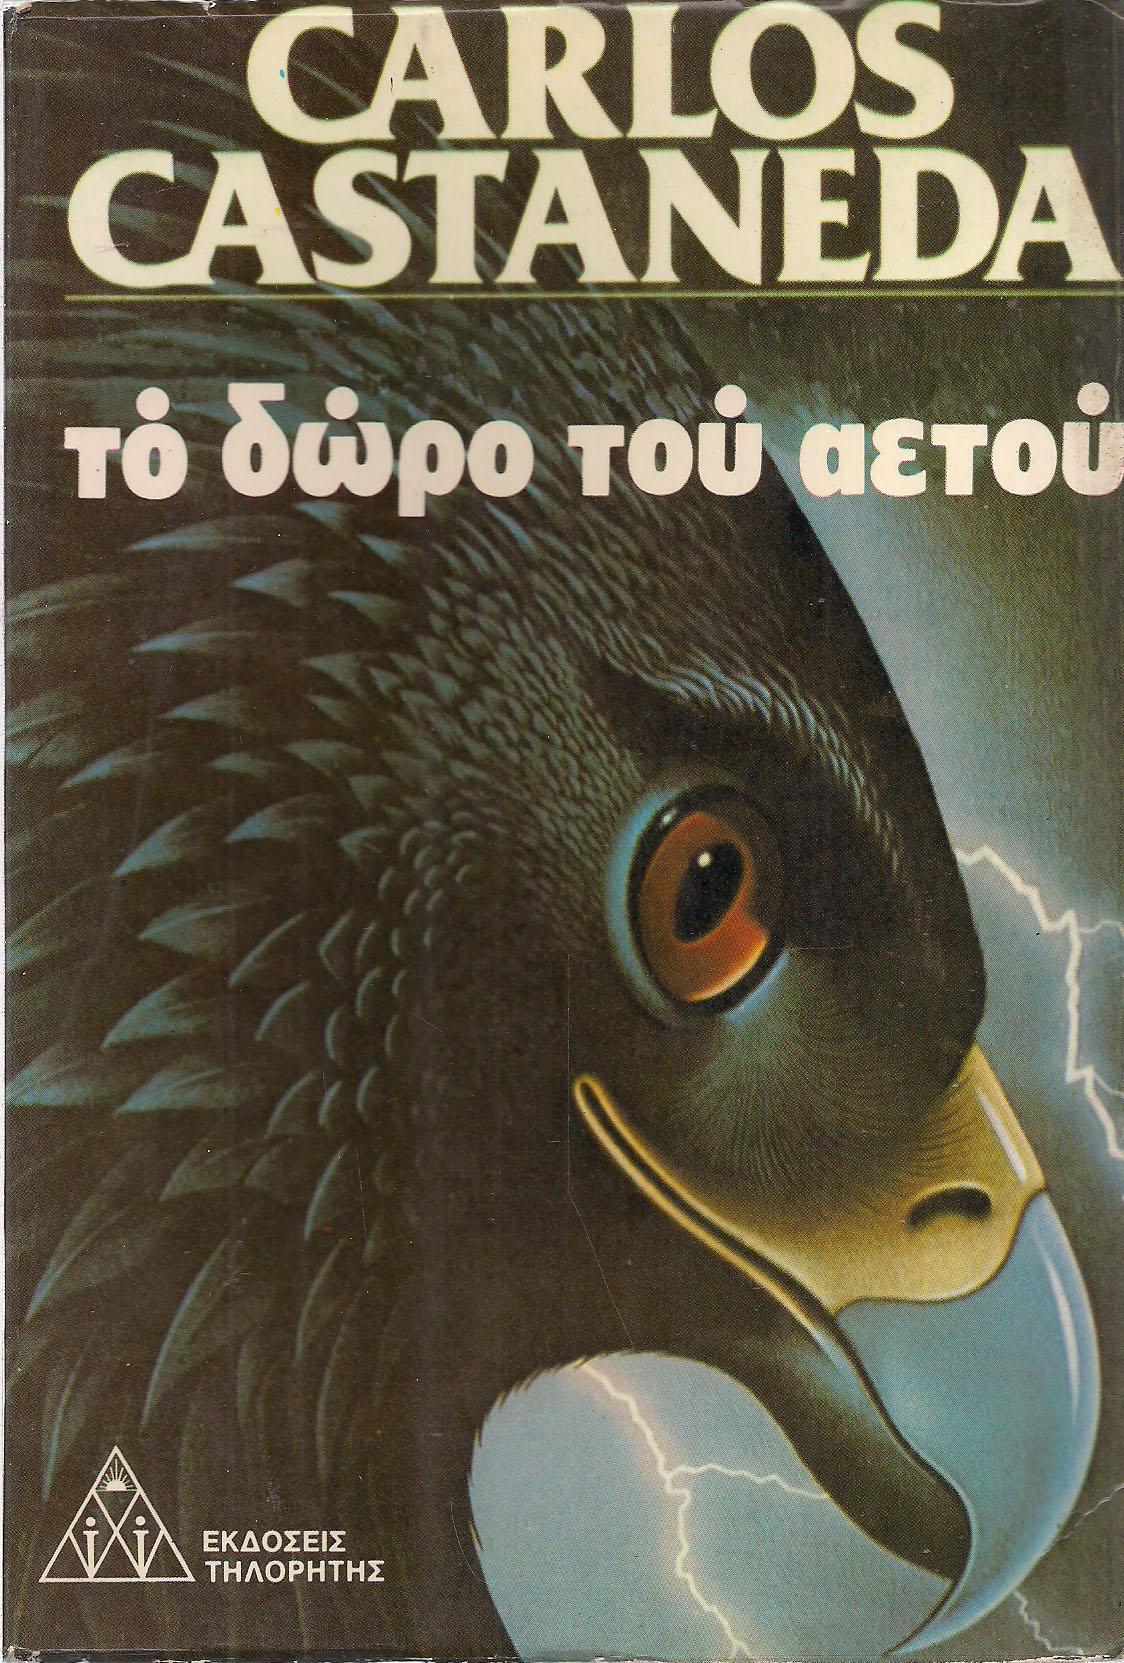 Αποτέλεσμα εικόνας για Το δώρο του αετού